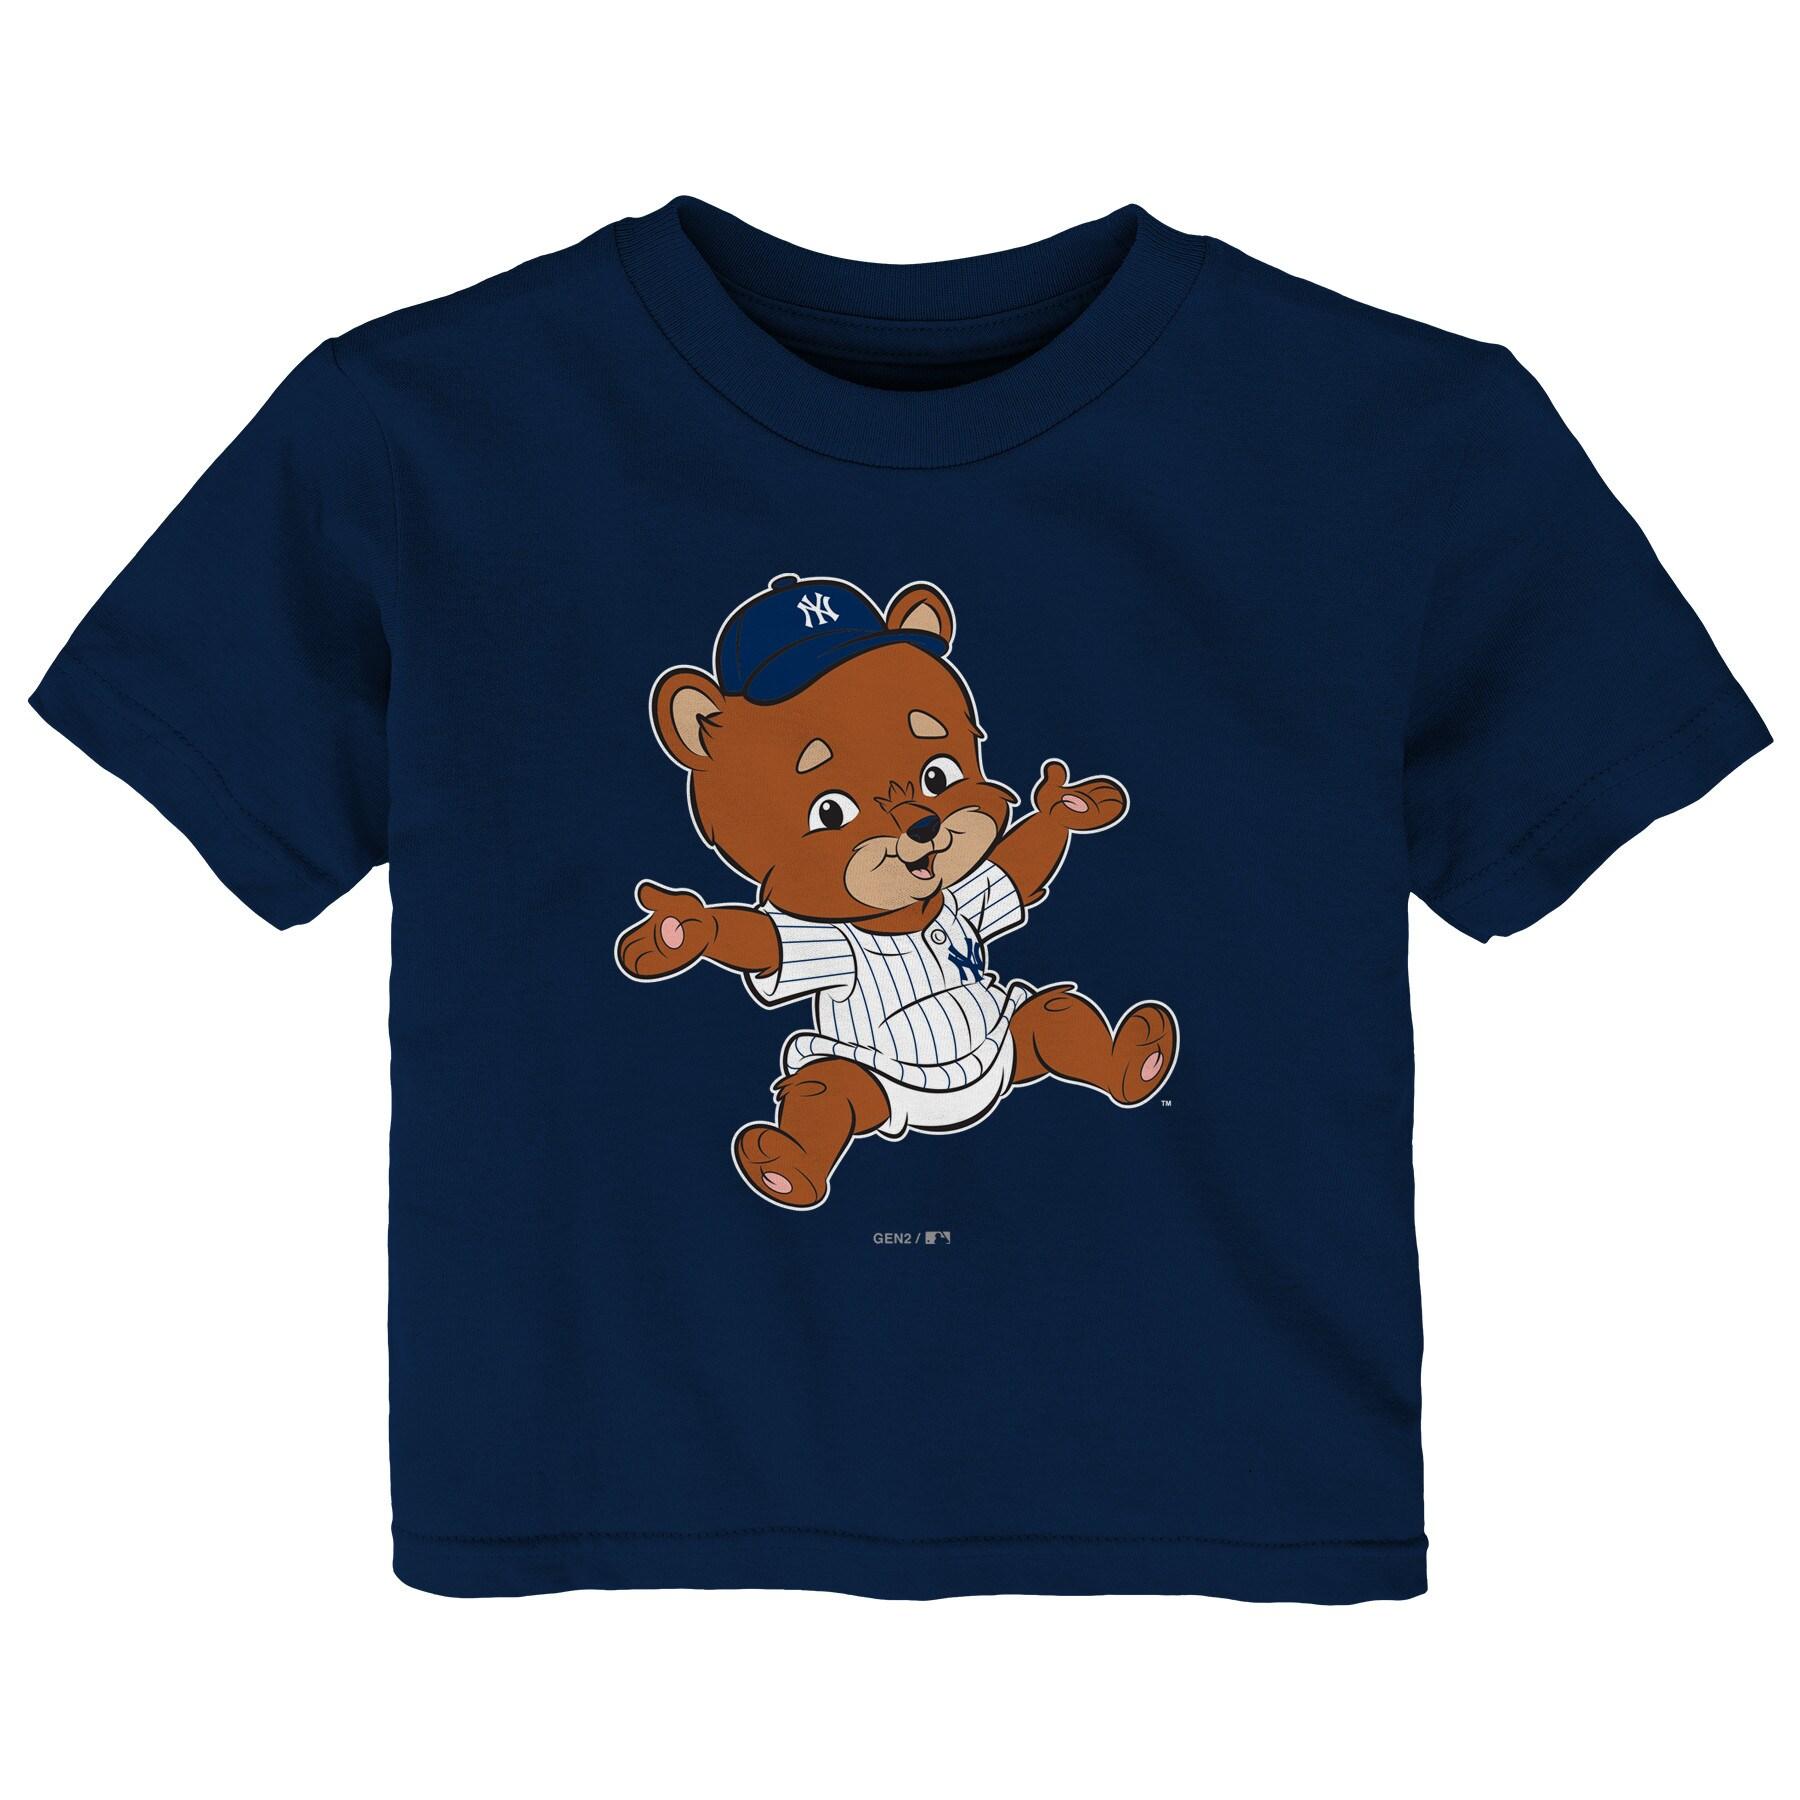 New York Yankees Infant Baby Mascot T-Shirt - Navy